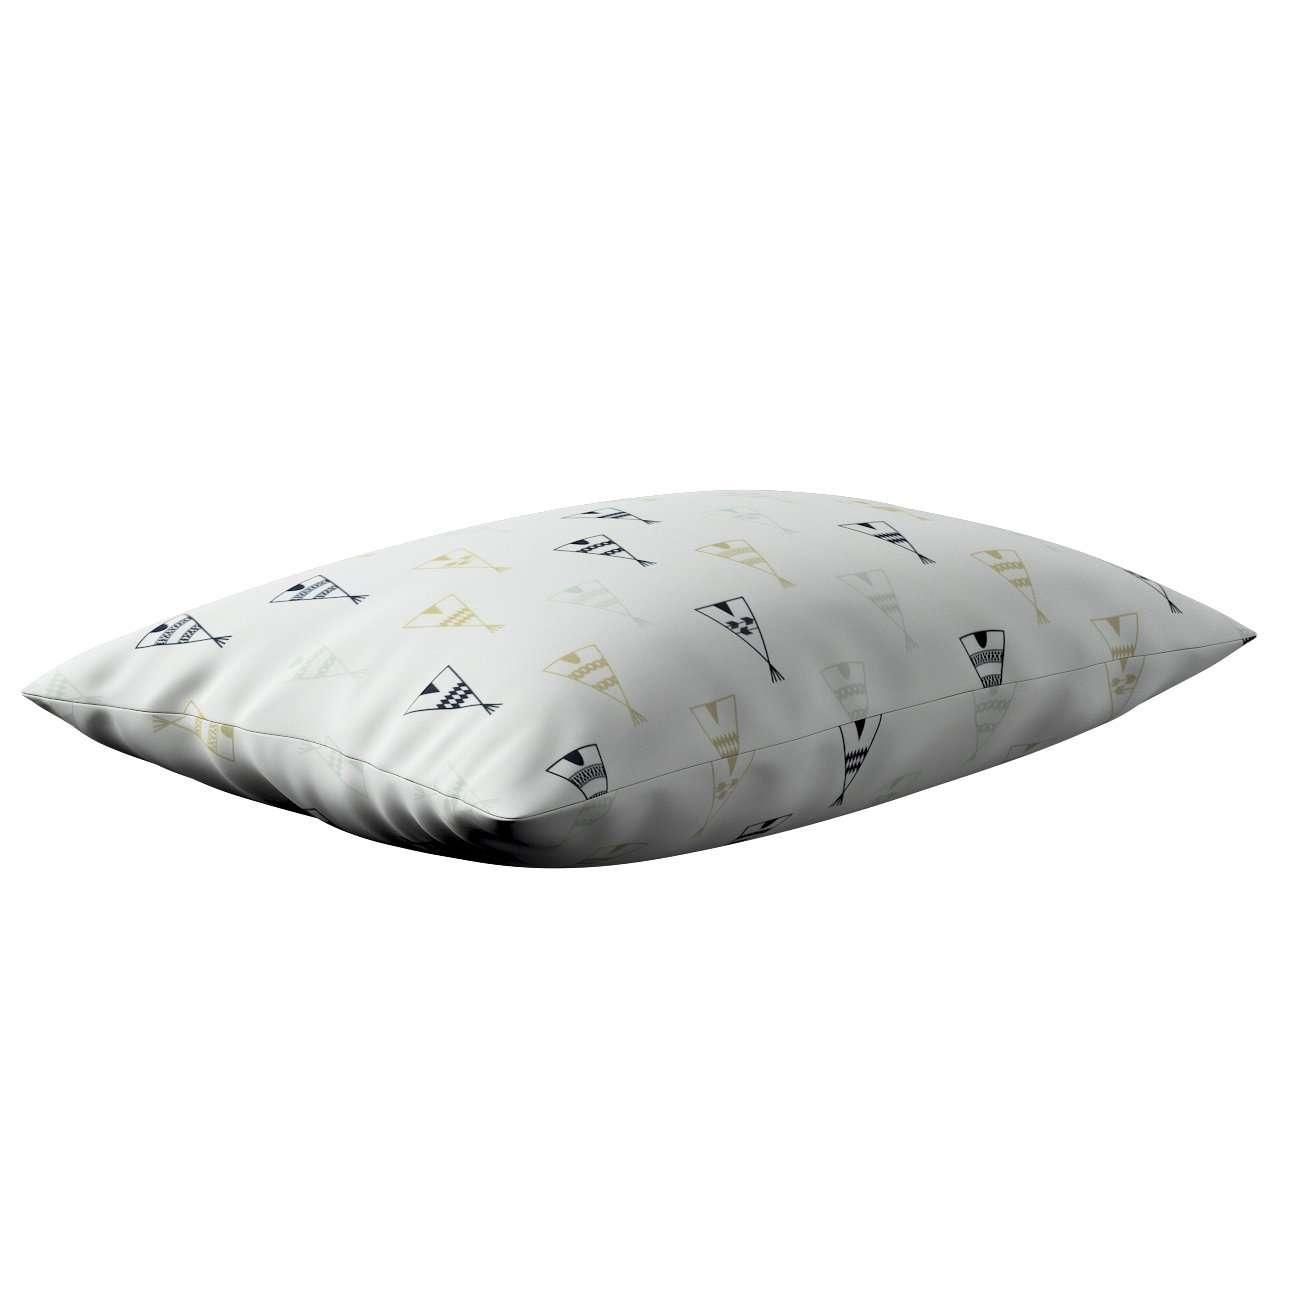 Poszewka Kinga na poduszkę prostokątną w kolekcji Adventure, tkanina: 141-84